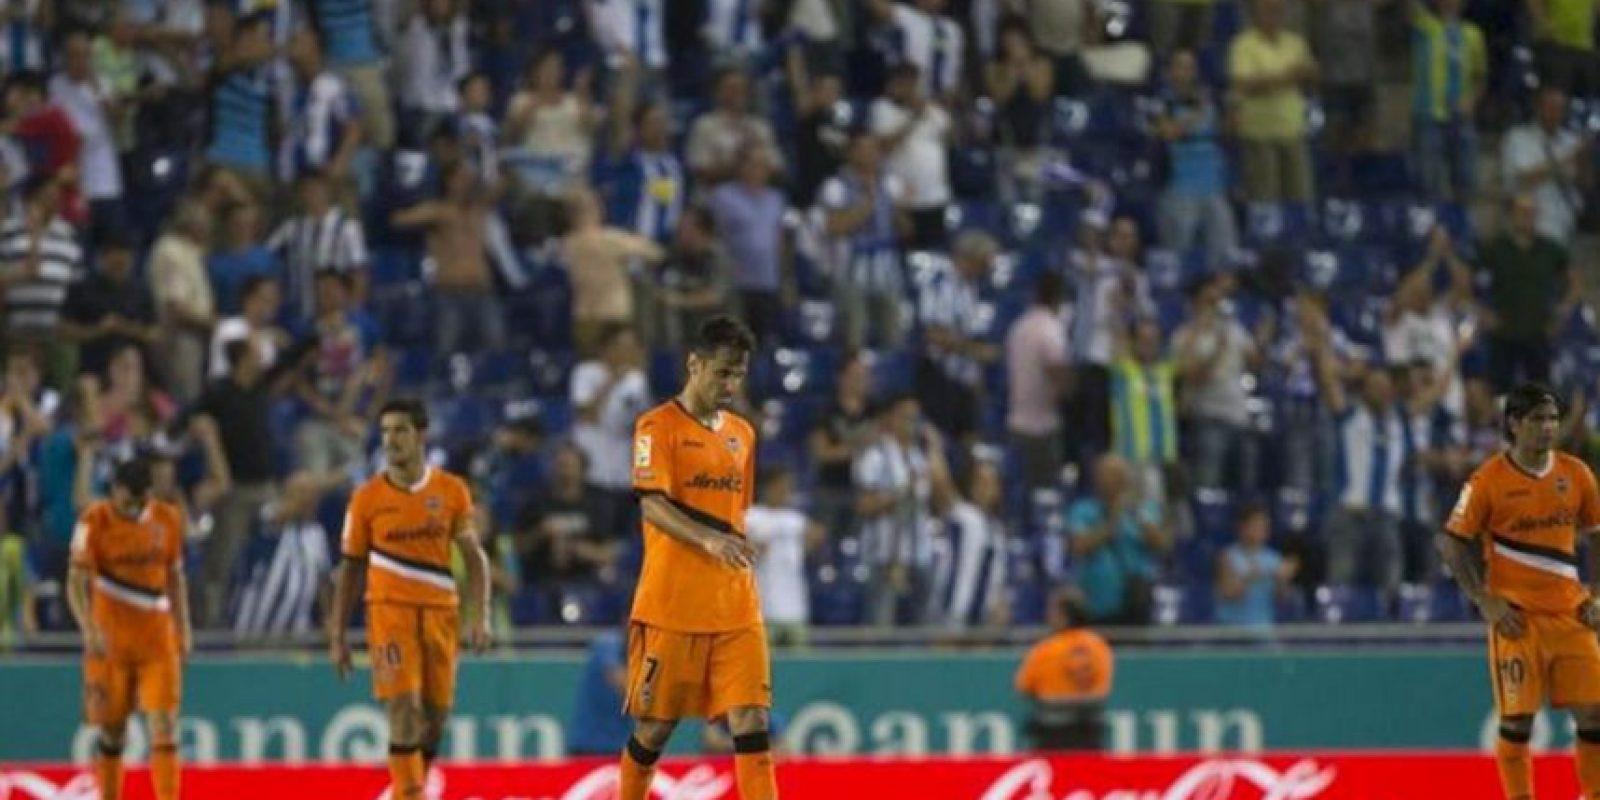 Decepción en los jugadores del valencia tras encajar el tercer gol ante el RCD Espanyol, durante el partido de la segunda jornada de Liga disputado en el estadio de Cornellá-El Prat, en Barcelona. EFE